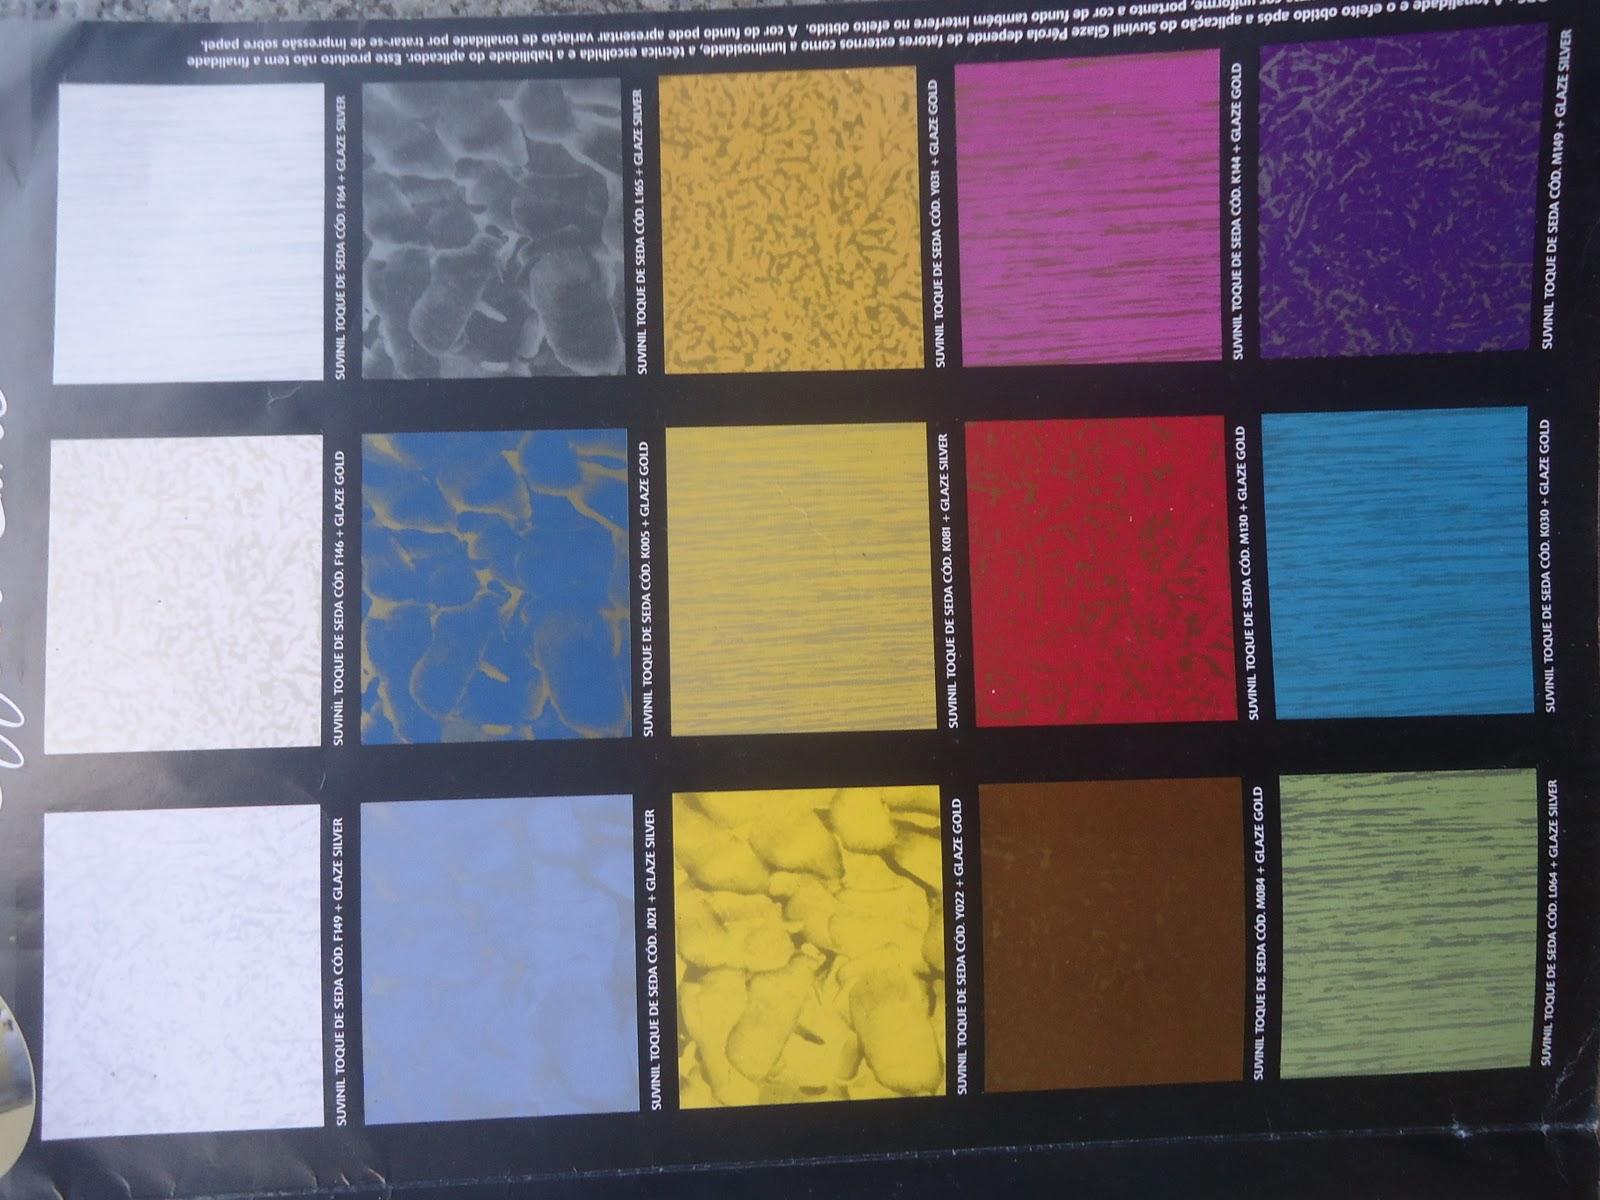 Cores De Grafiato Para Area Externa Textura De Parede Ver Cores  -> Fotos De Paredes Com Grafiato